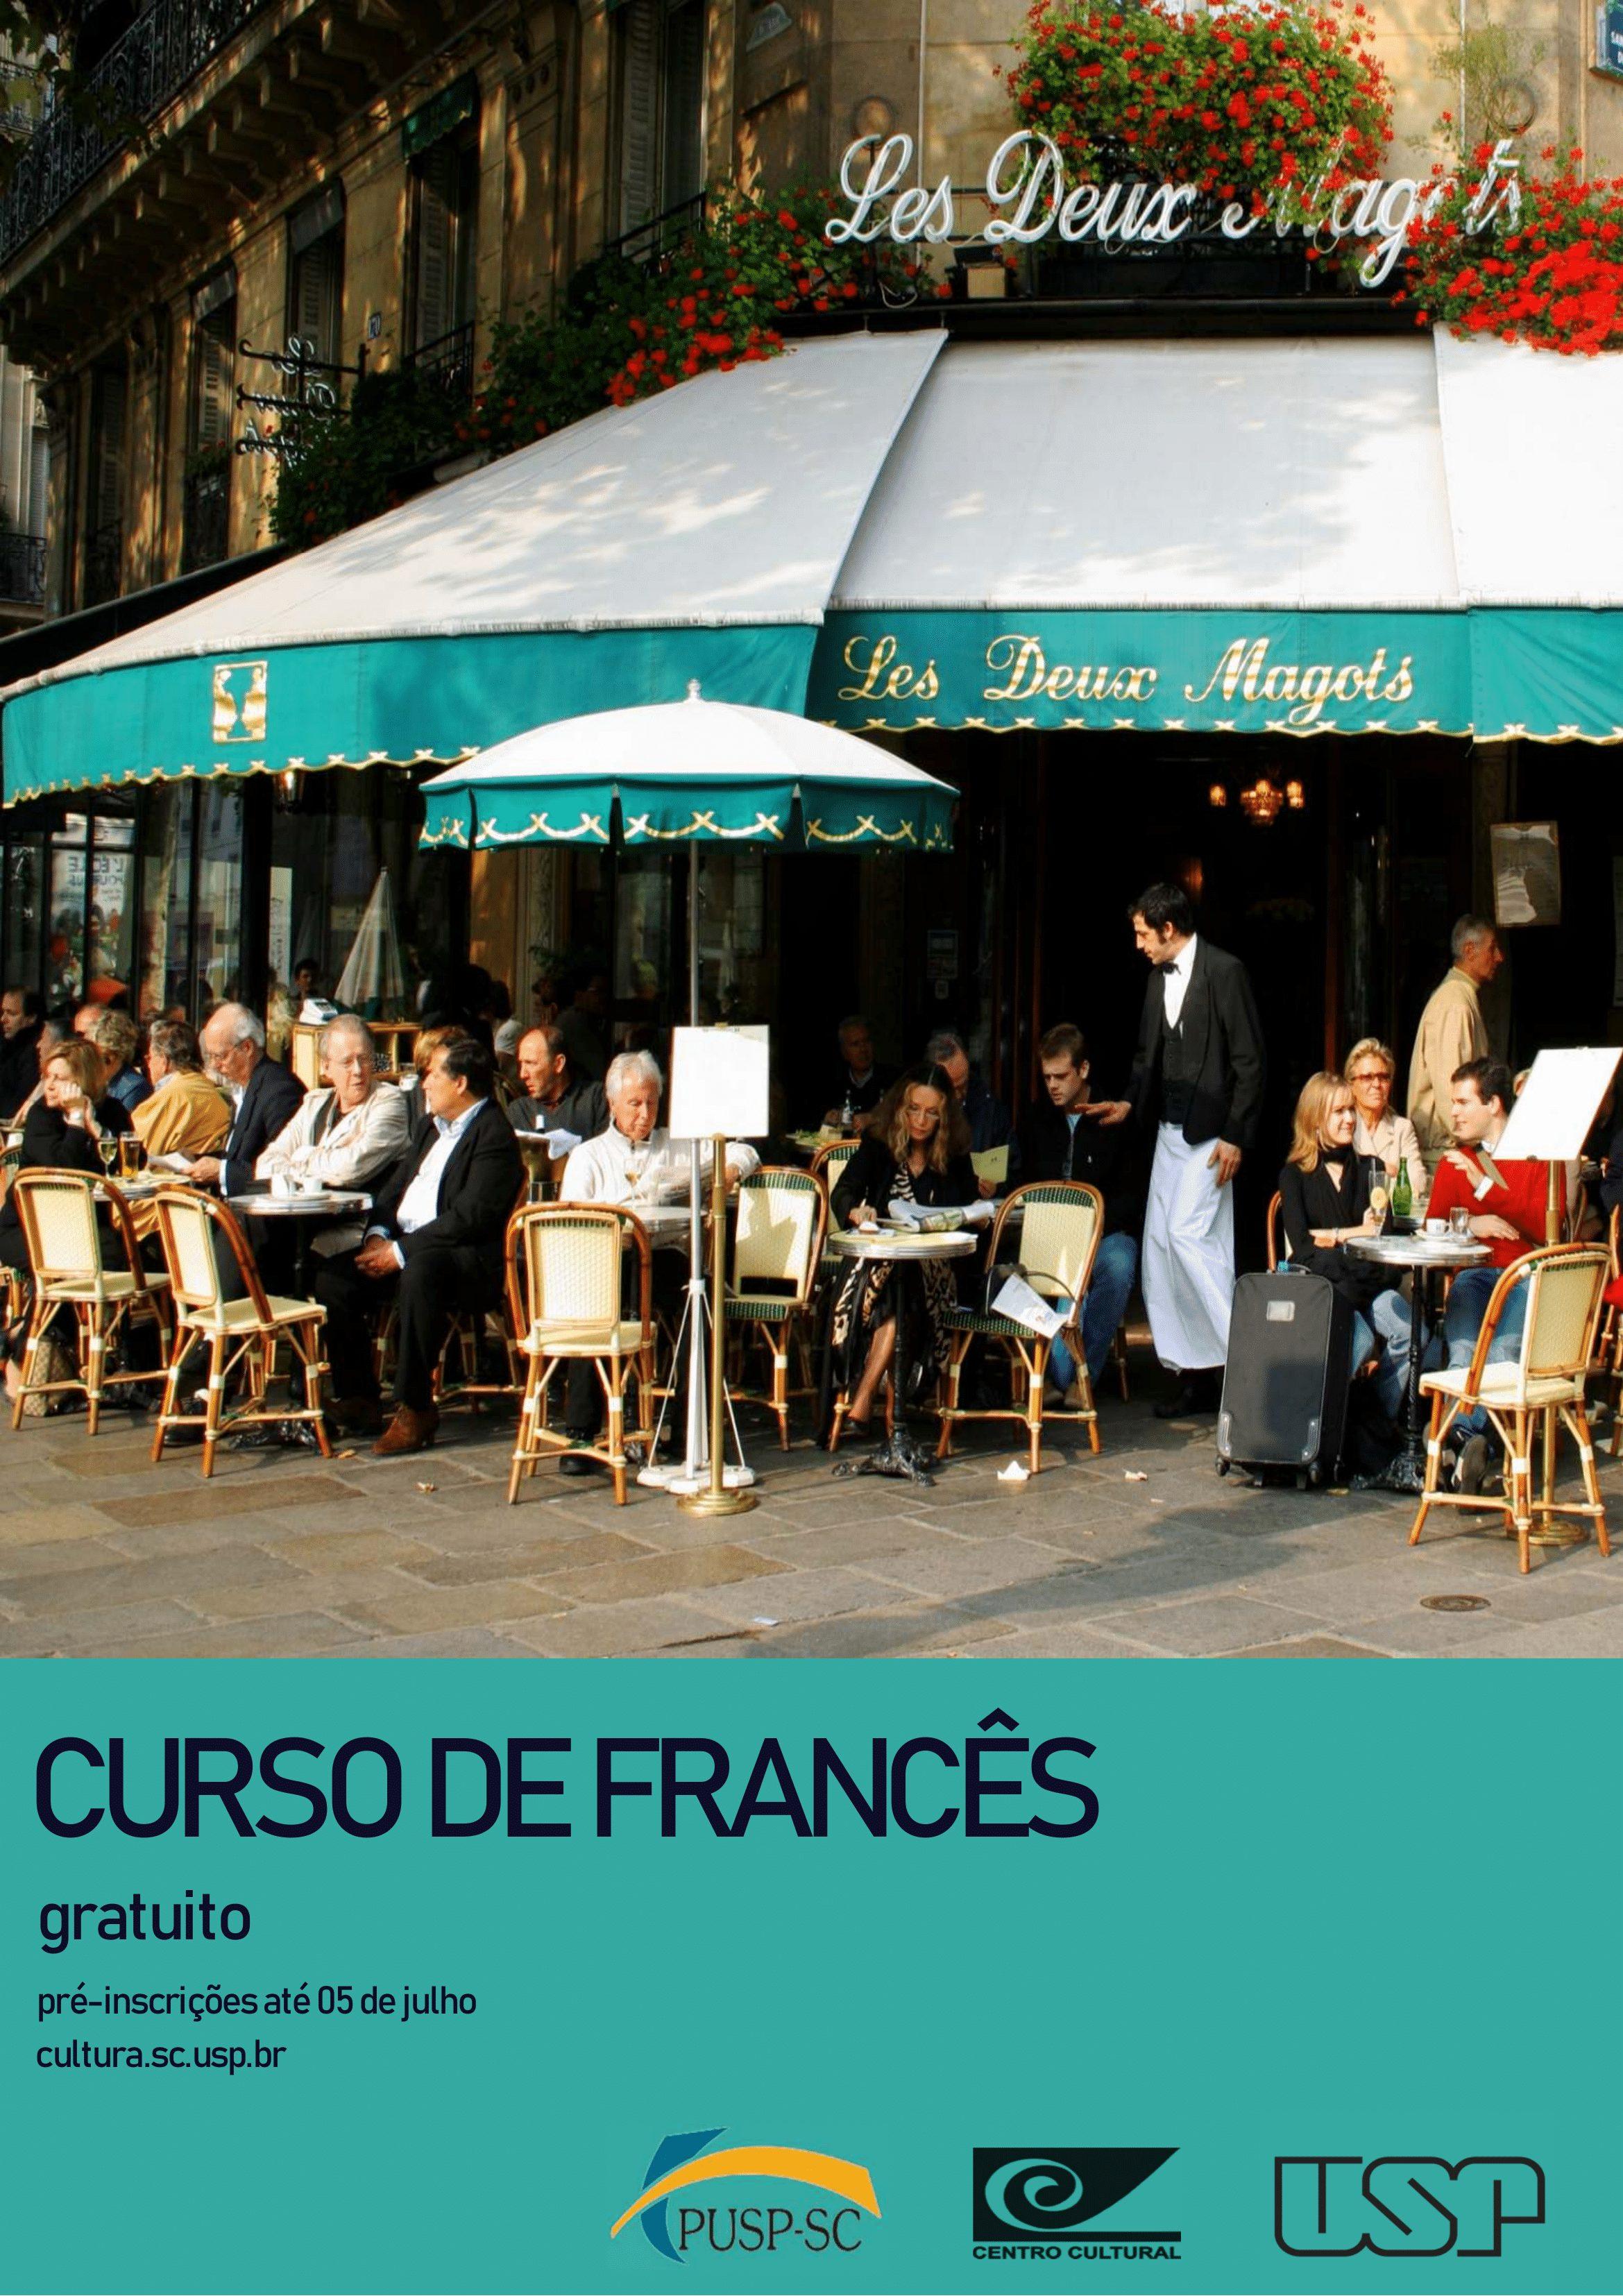 Inscrições para o Curso de Francês gratuito – Centro Cultural (PUSP)